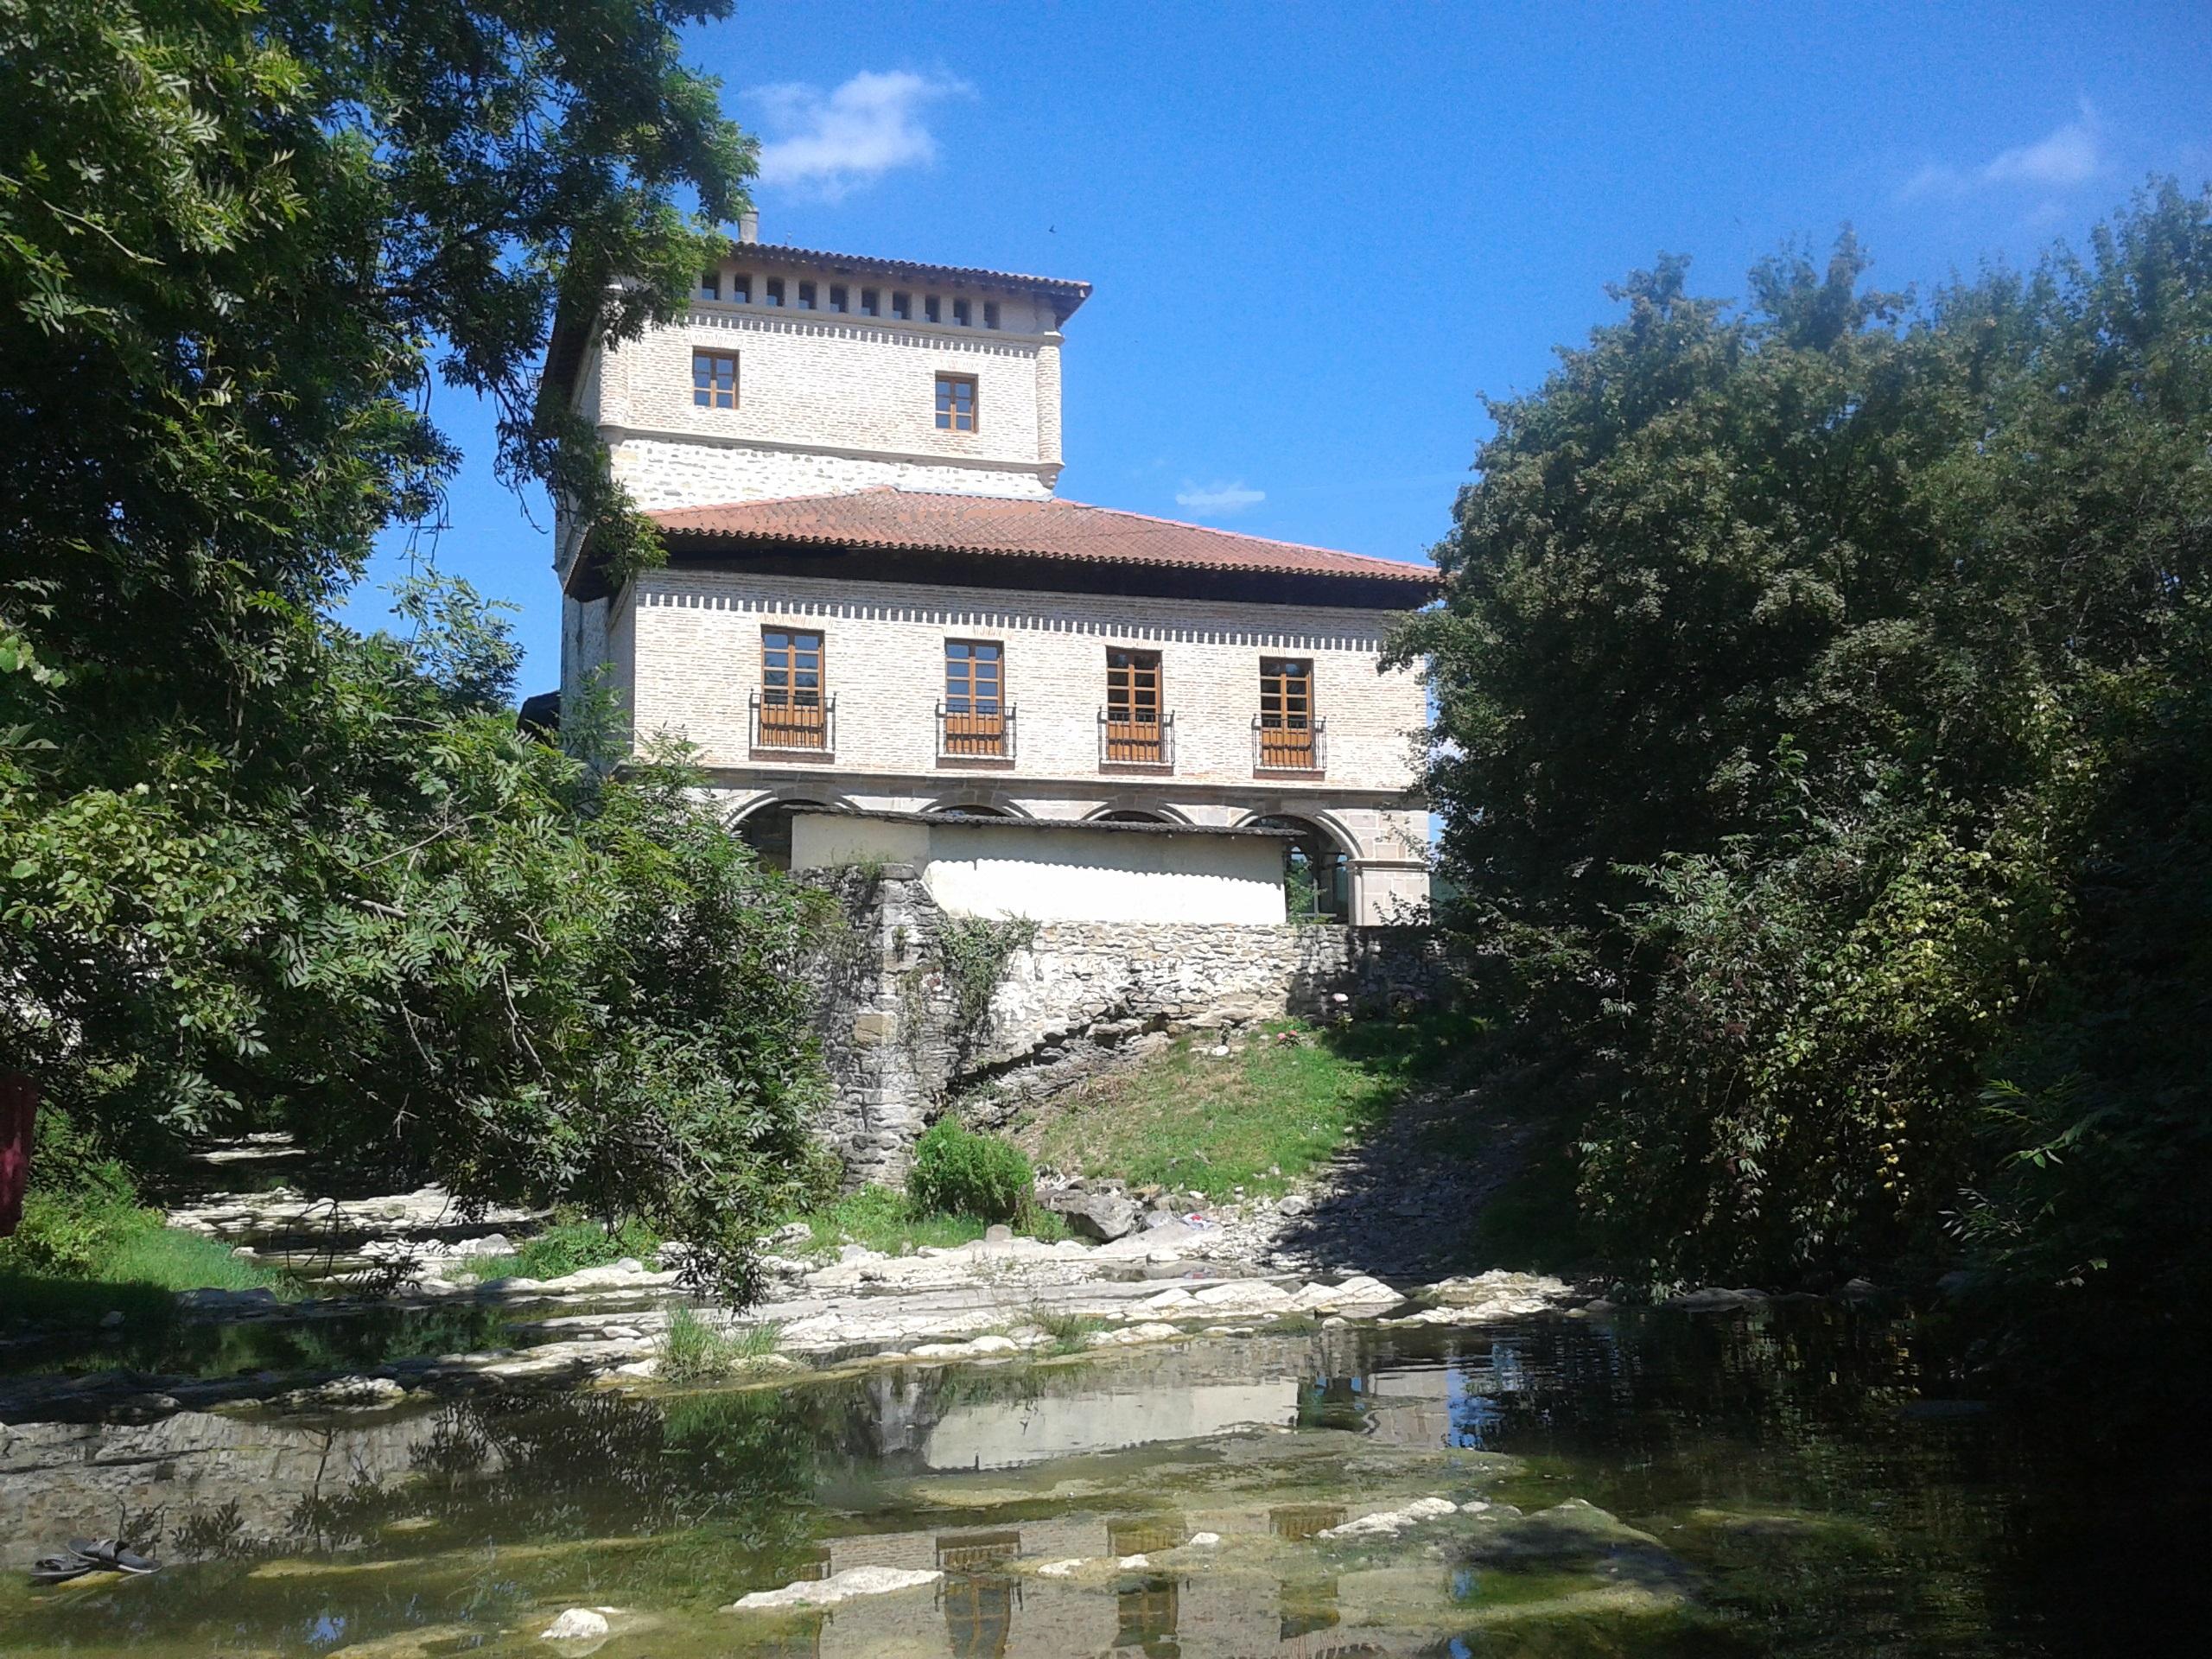 Visitas guiadas con degustación de txakolí a los viñedos y la torre de Murga (Valle de Ayala – Alava)